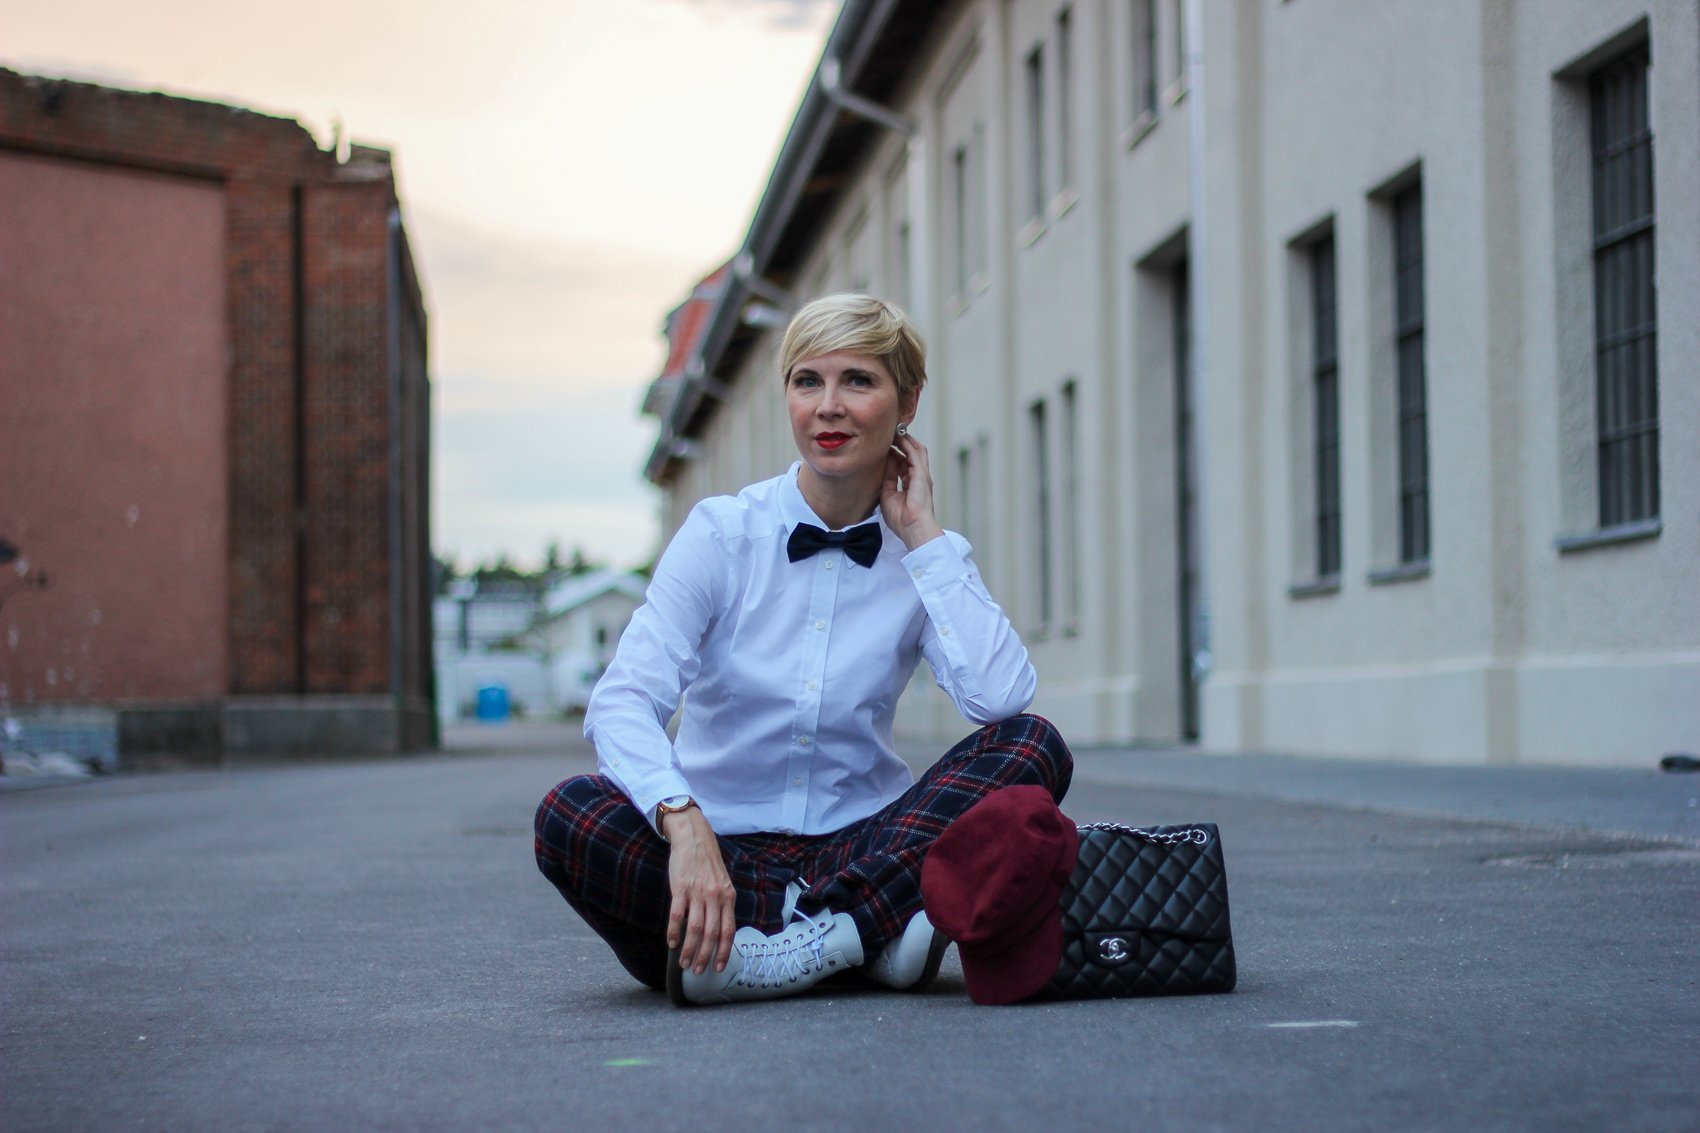 conny doll lifestyle: karohose, weiße Bluse, Schottenkaro, british shop, edgy styling, Herbstlook